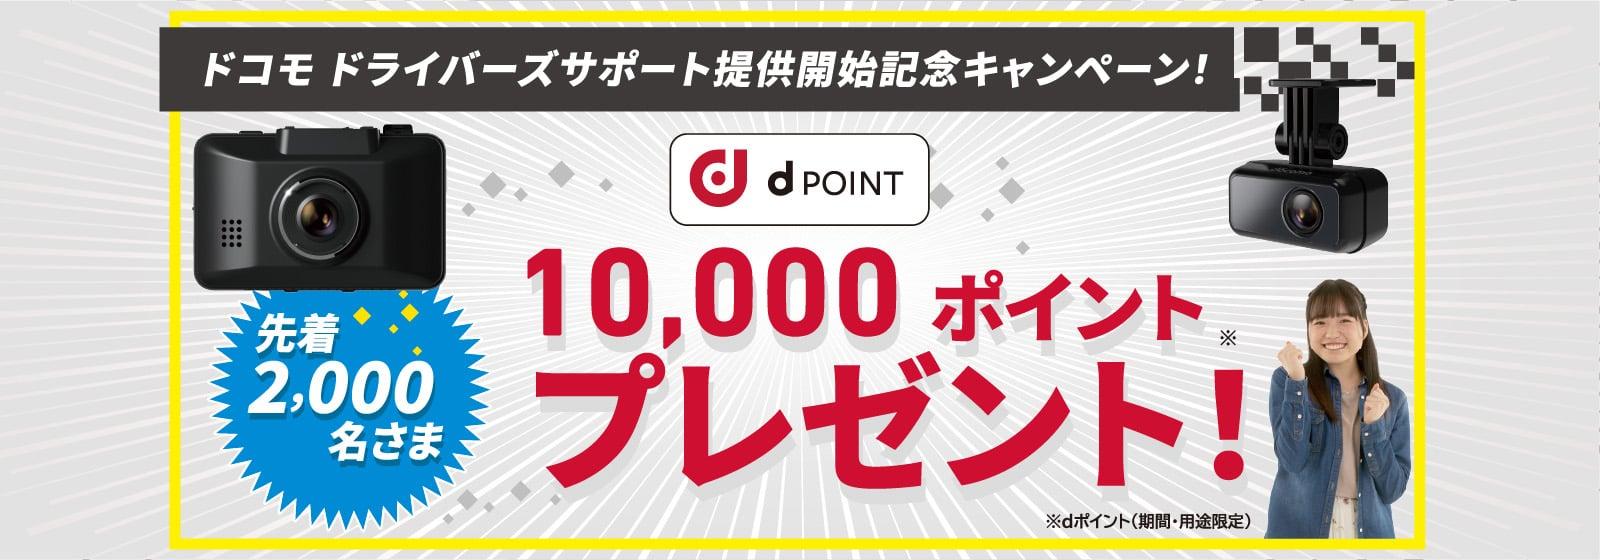 ドコモでドラレコをLTEに接続して見守るサービス「ドライバーズサポート」に加入すると、10000dポイントが先着2000名に貰える。11/18~。12/31。